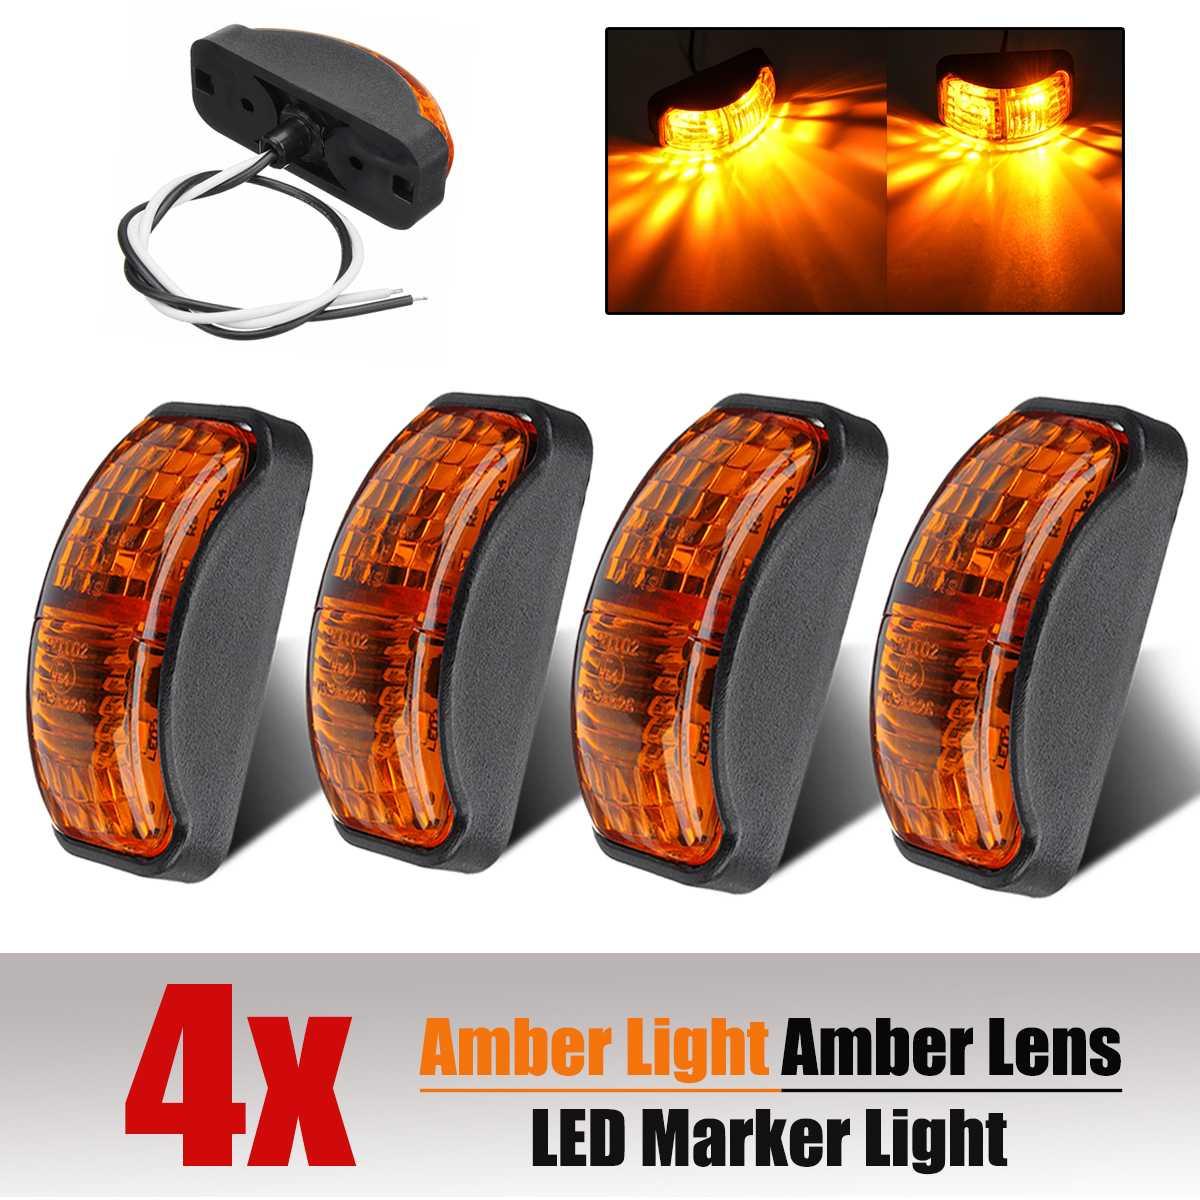 4x 12V-30V 2 SMD LED Car Auto Truck Trailer Side Marker Light Blinker Amber Indicator Led Lights Accessories DC12-30v